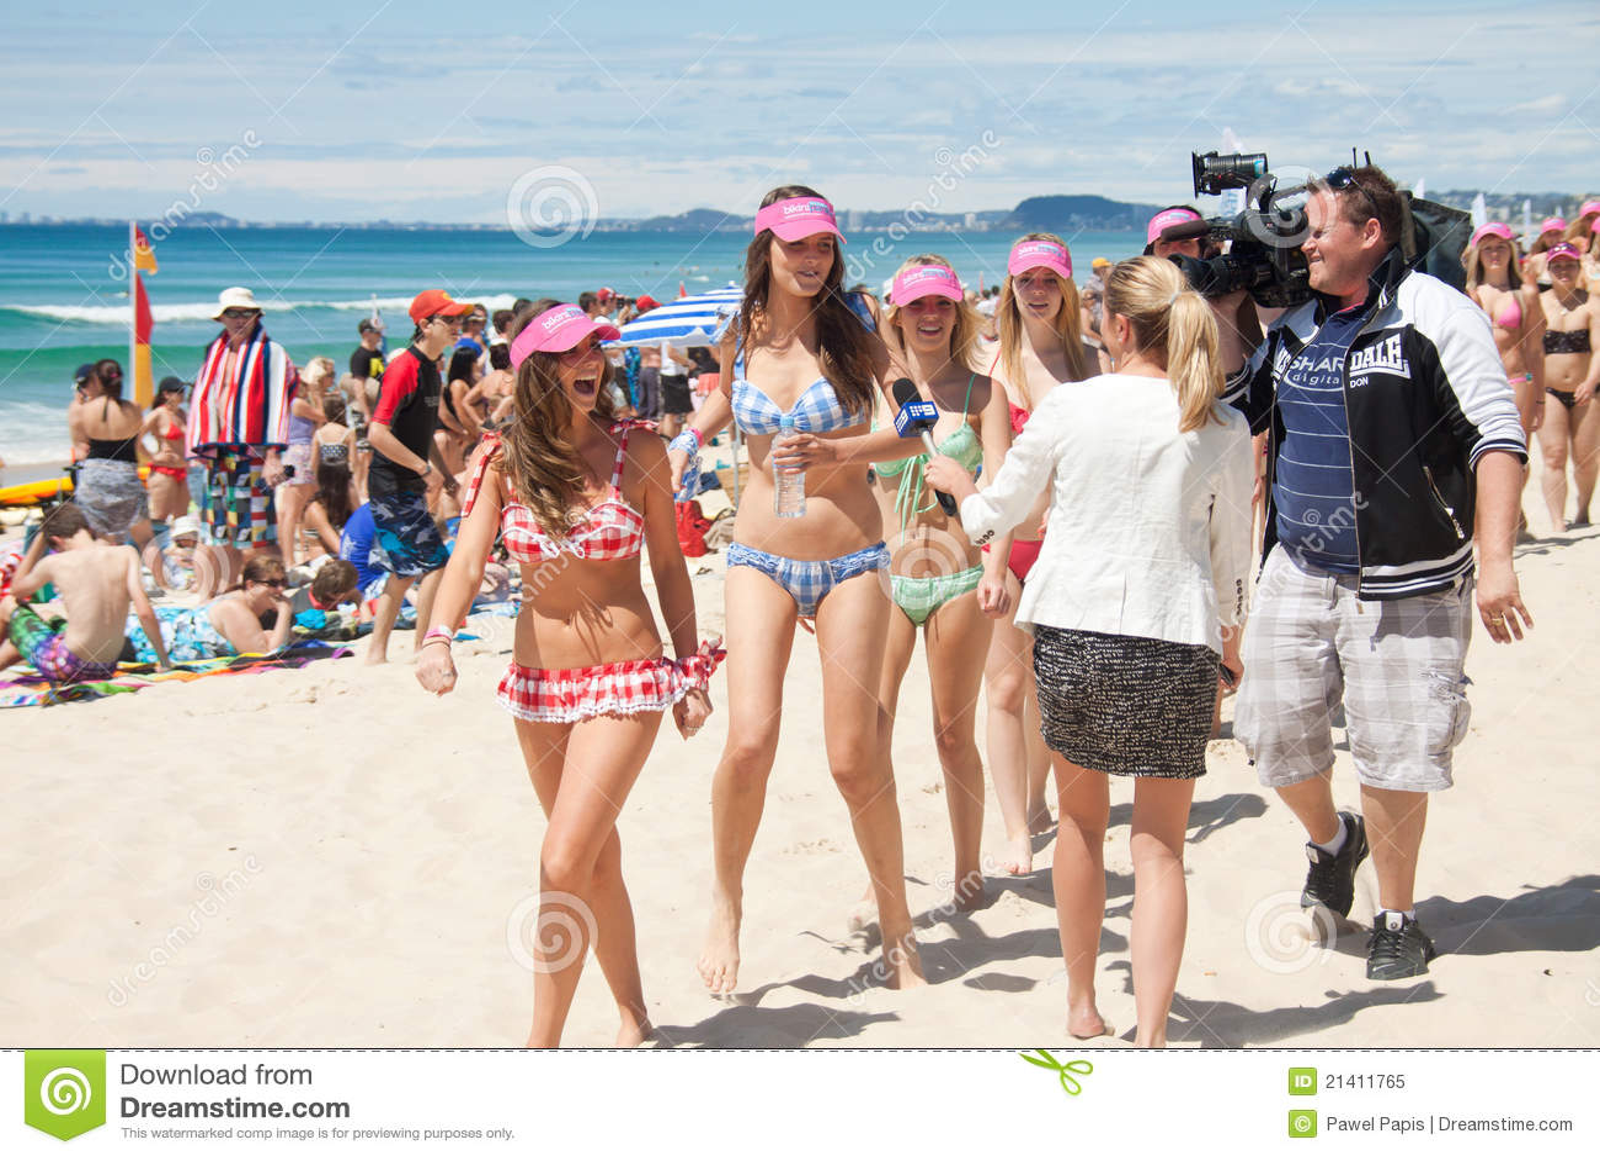 Großer australischer Bikinimarsch — 10